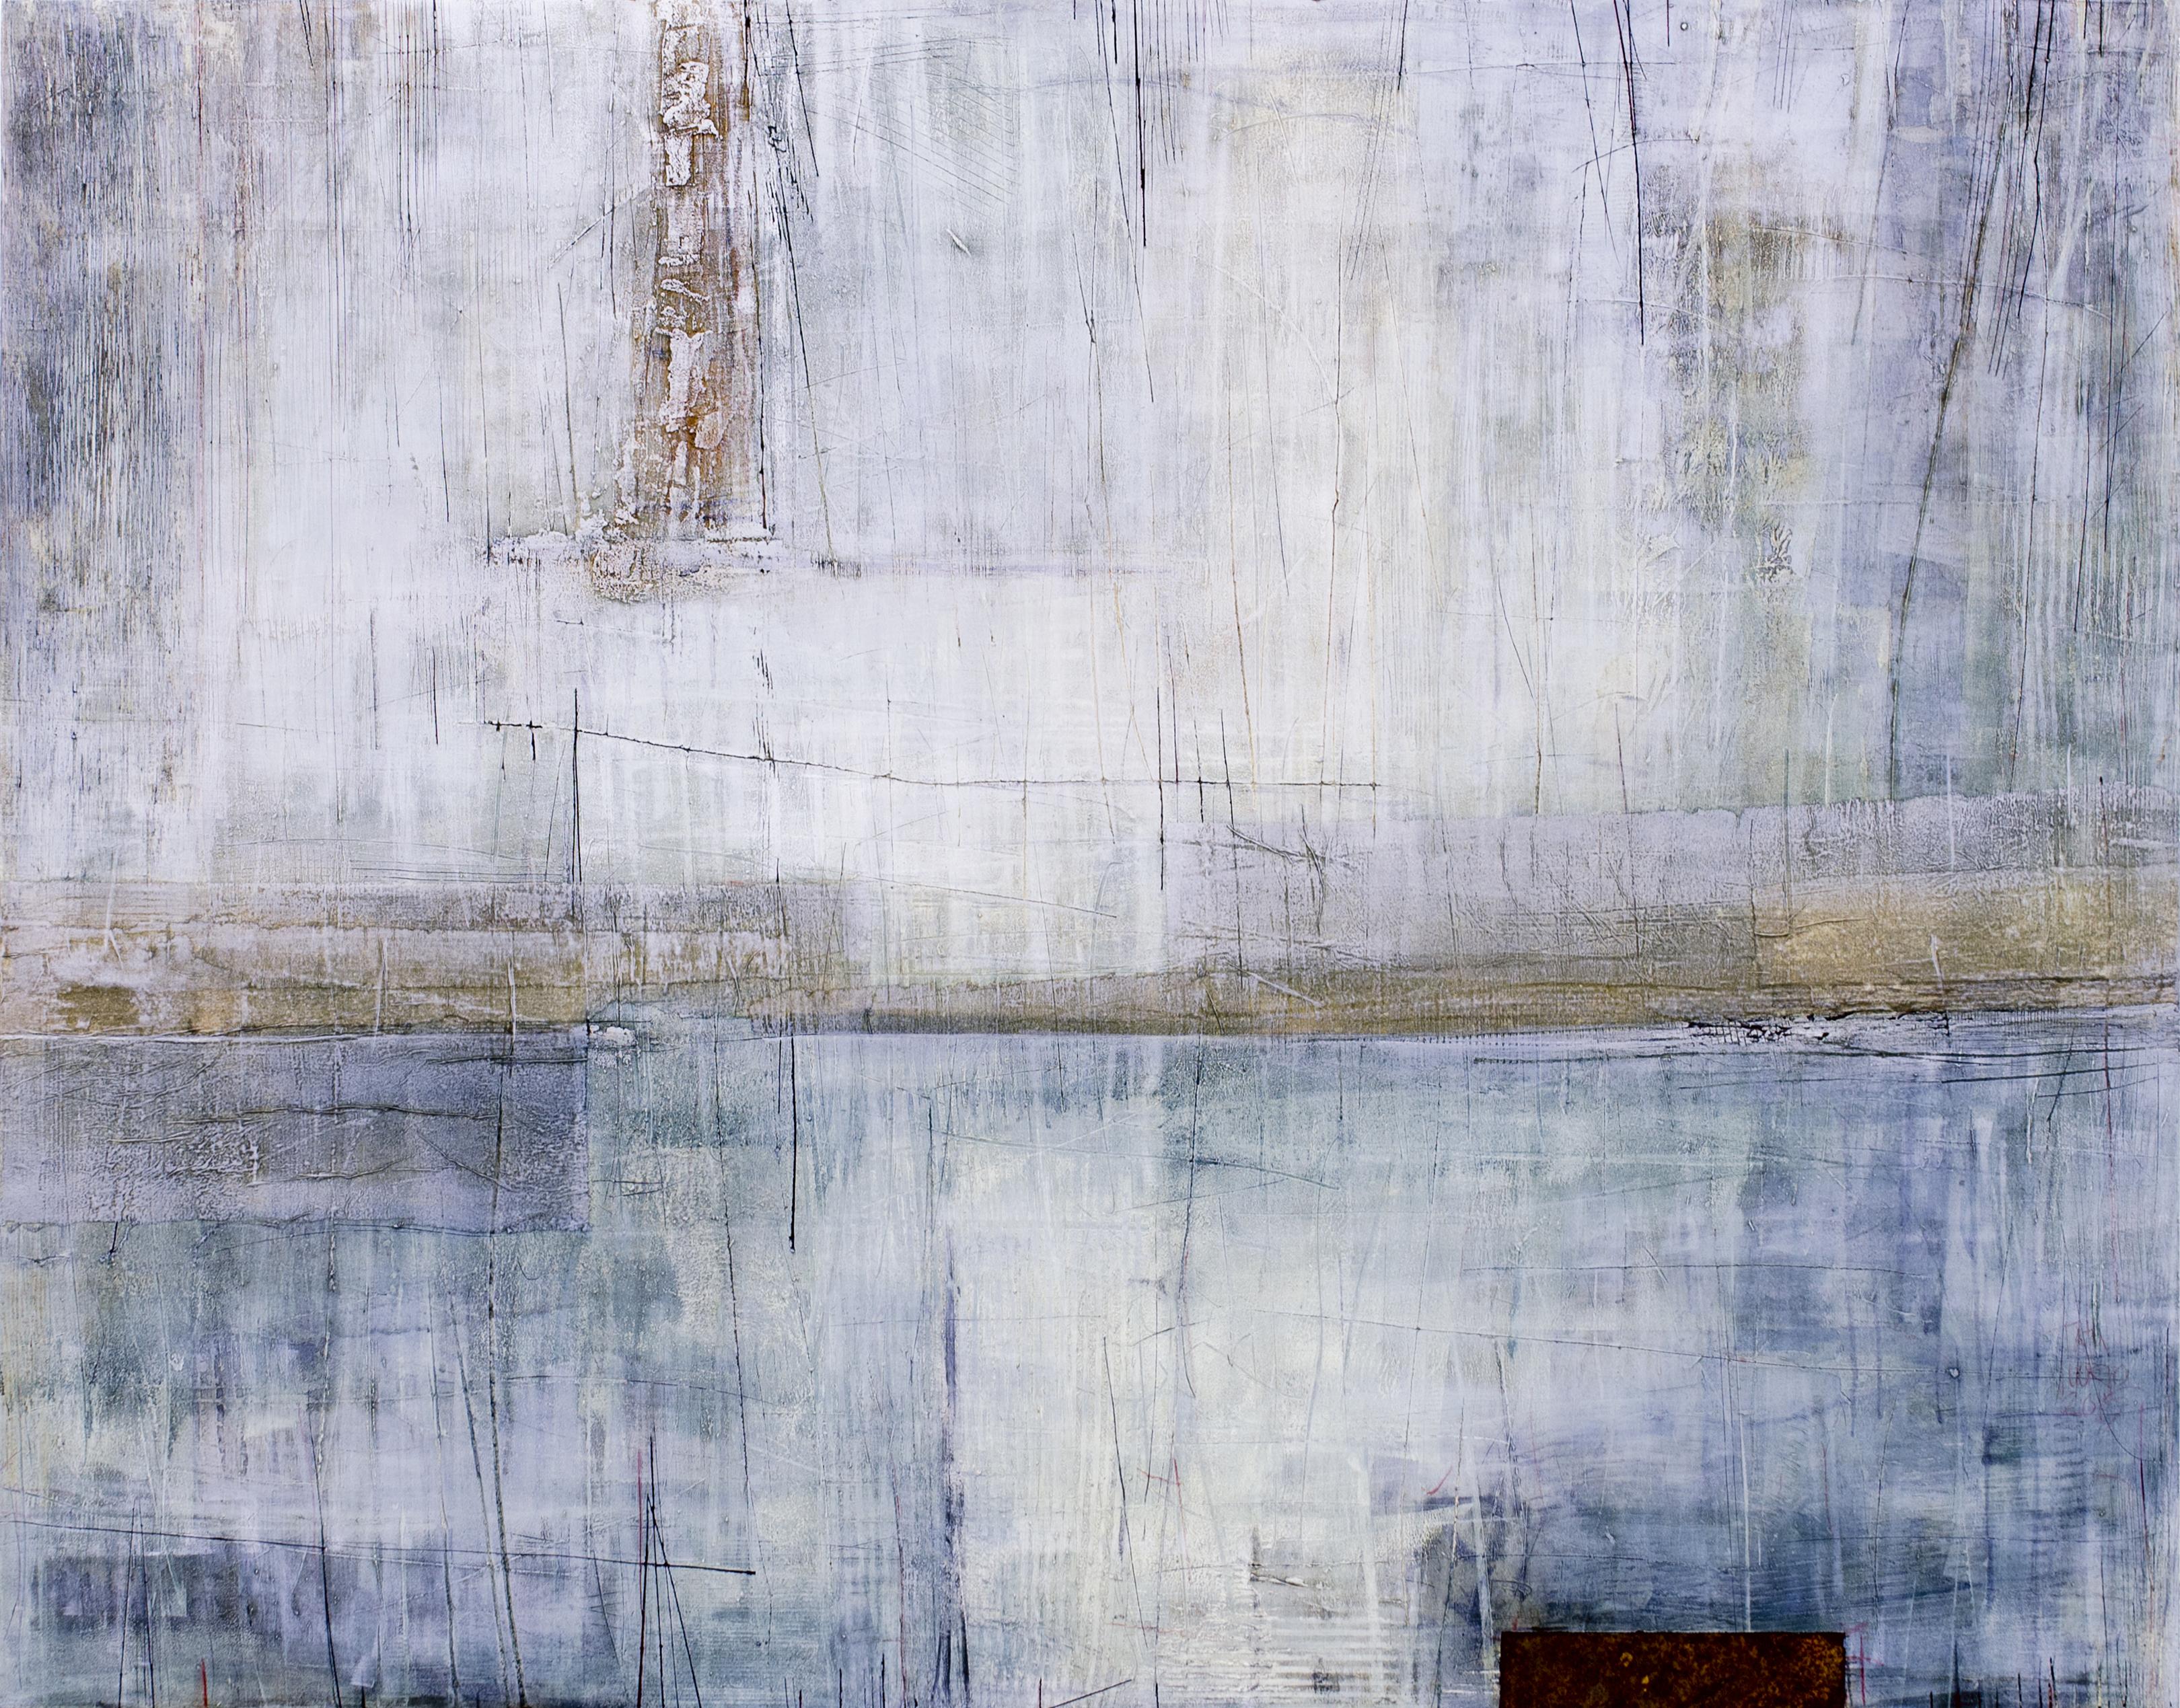 (Sold) What remains, 110x140cm, Sekatekniikka läpivärjätylle MDF levylle, 2016